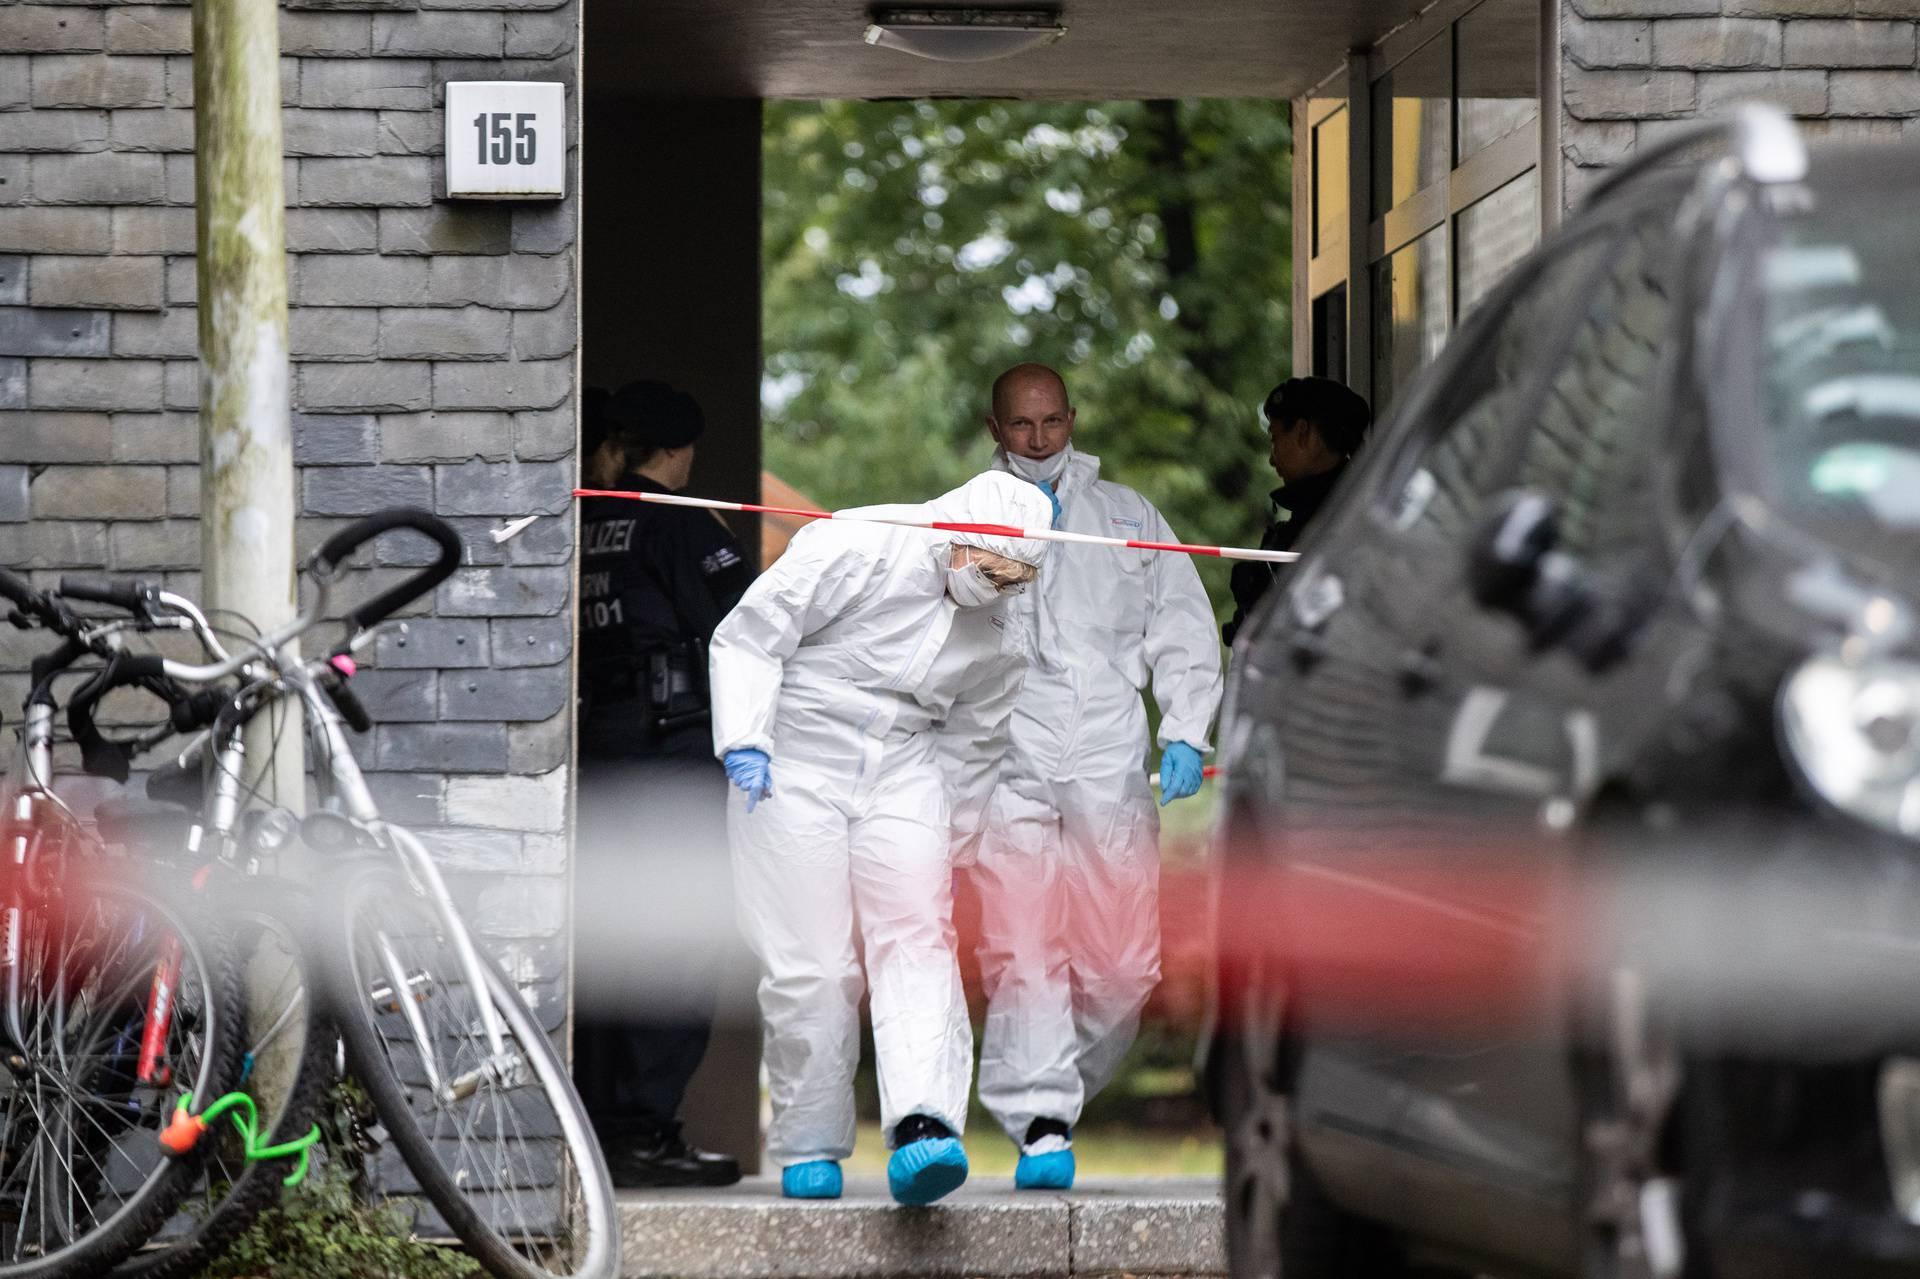 Five dead children found in Solingen